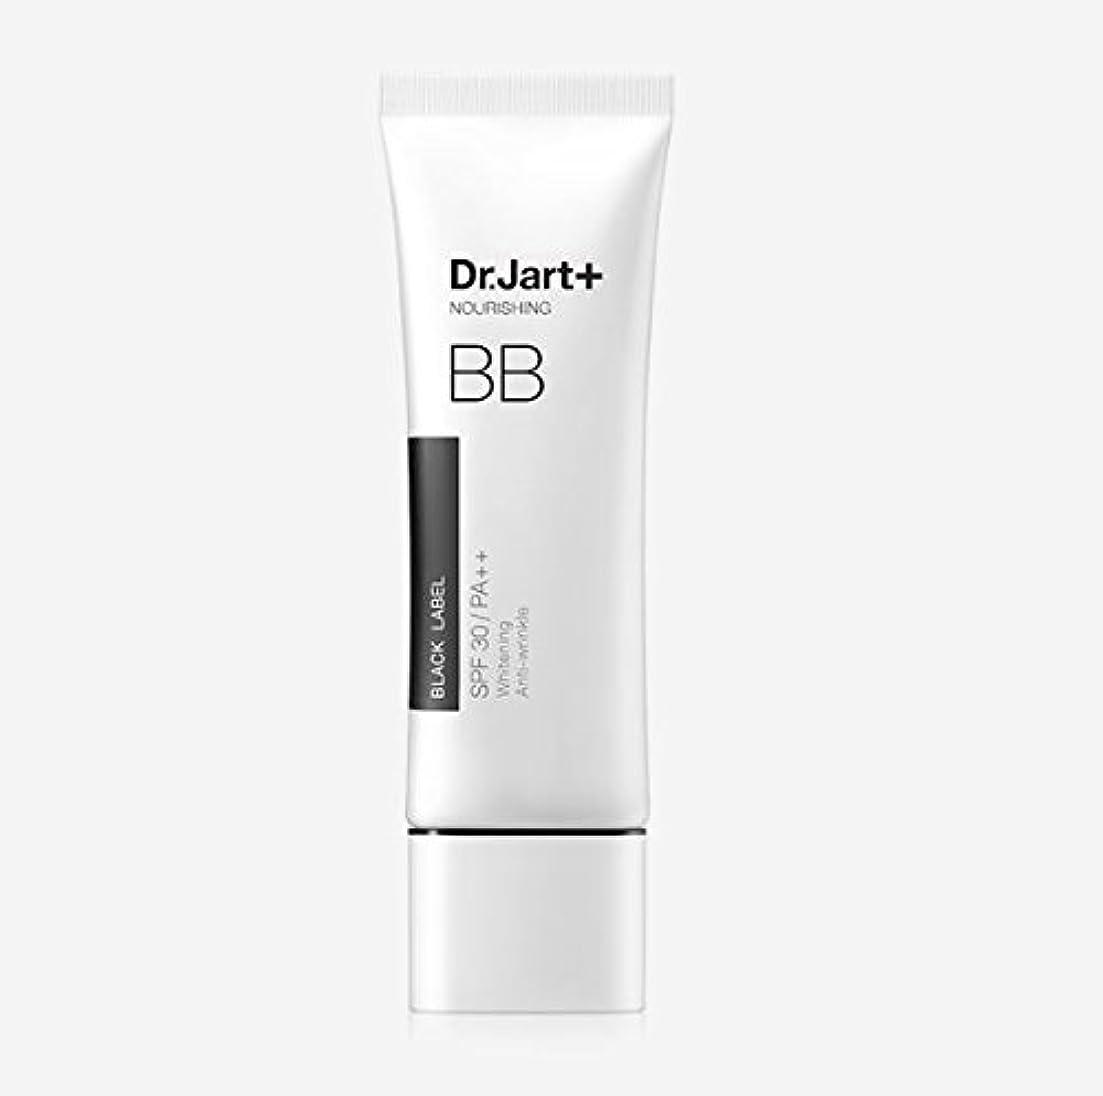 店主注入するきちんとした[Dr. Jart] Black Label BB Nourishing Beauty Balm 50ml SPF30 PA++/[ドクタージャルト] ブラックラベル BB ナリーシン ビューティー バーム 50ml SPF30 PA++ [並行輸入品]